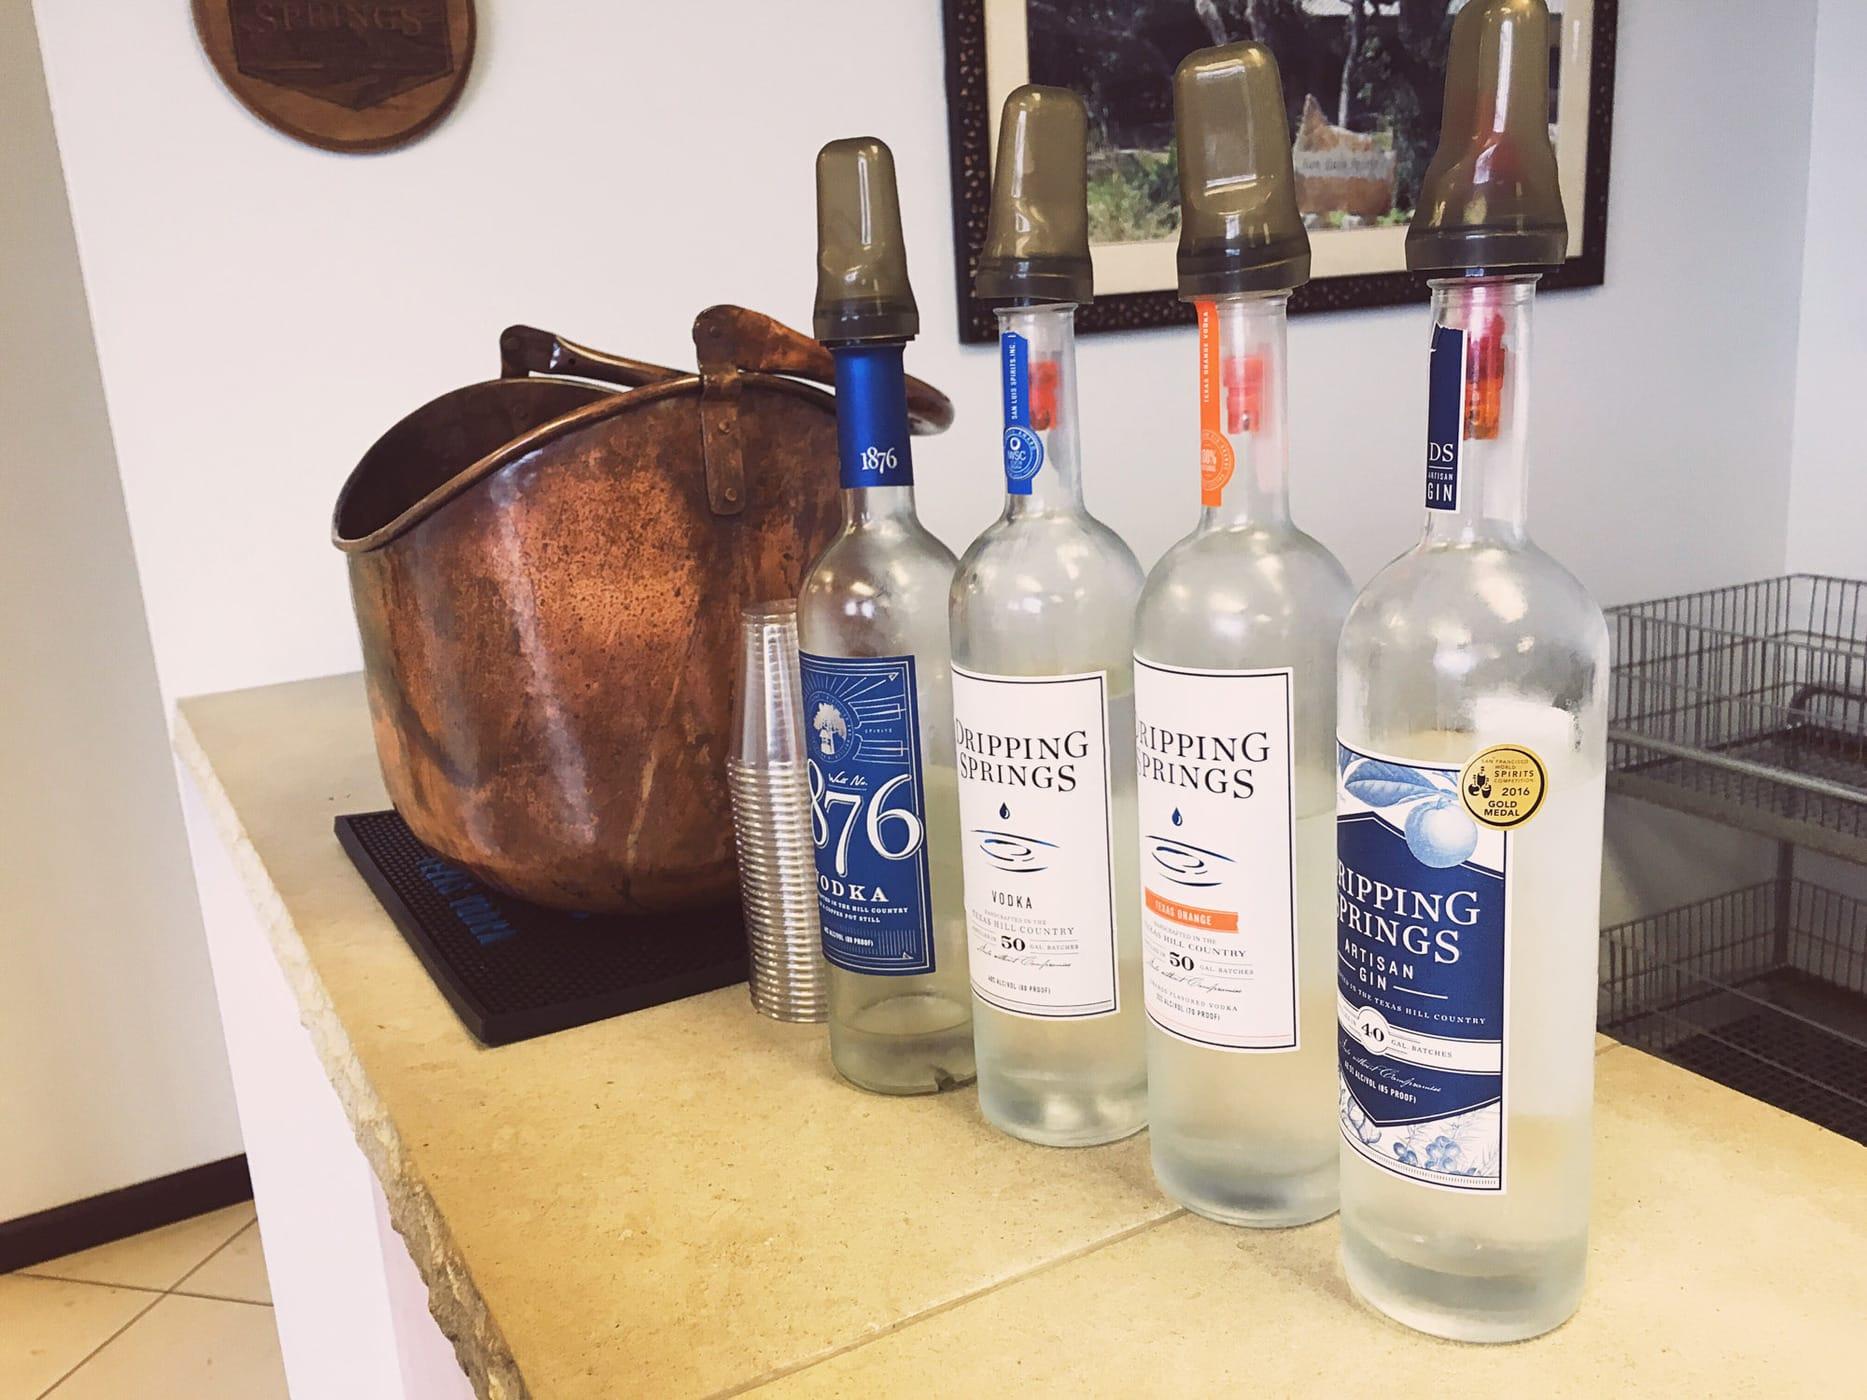 Tasting at Dripping Springs Vodka Distillery.